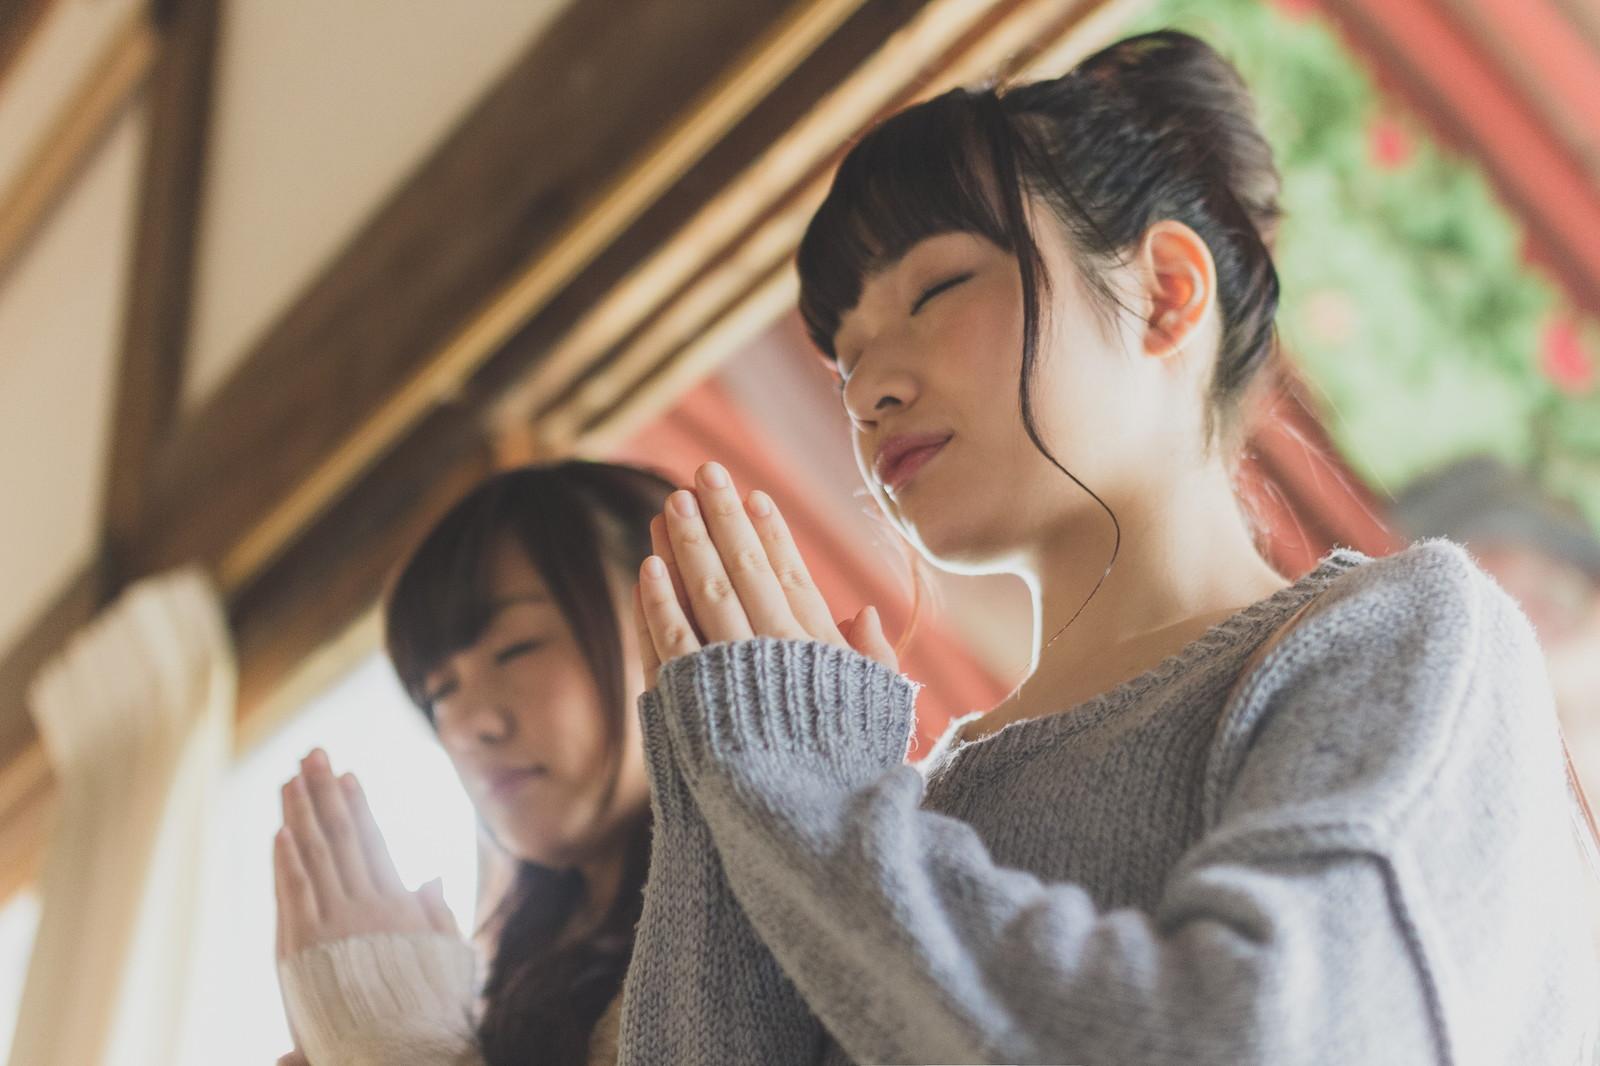 仏教でうつ病を治す!おすすめ本3選!【随時更新】